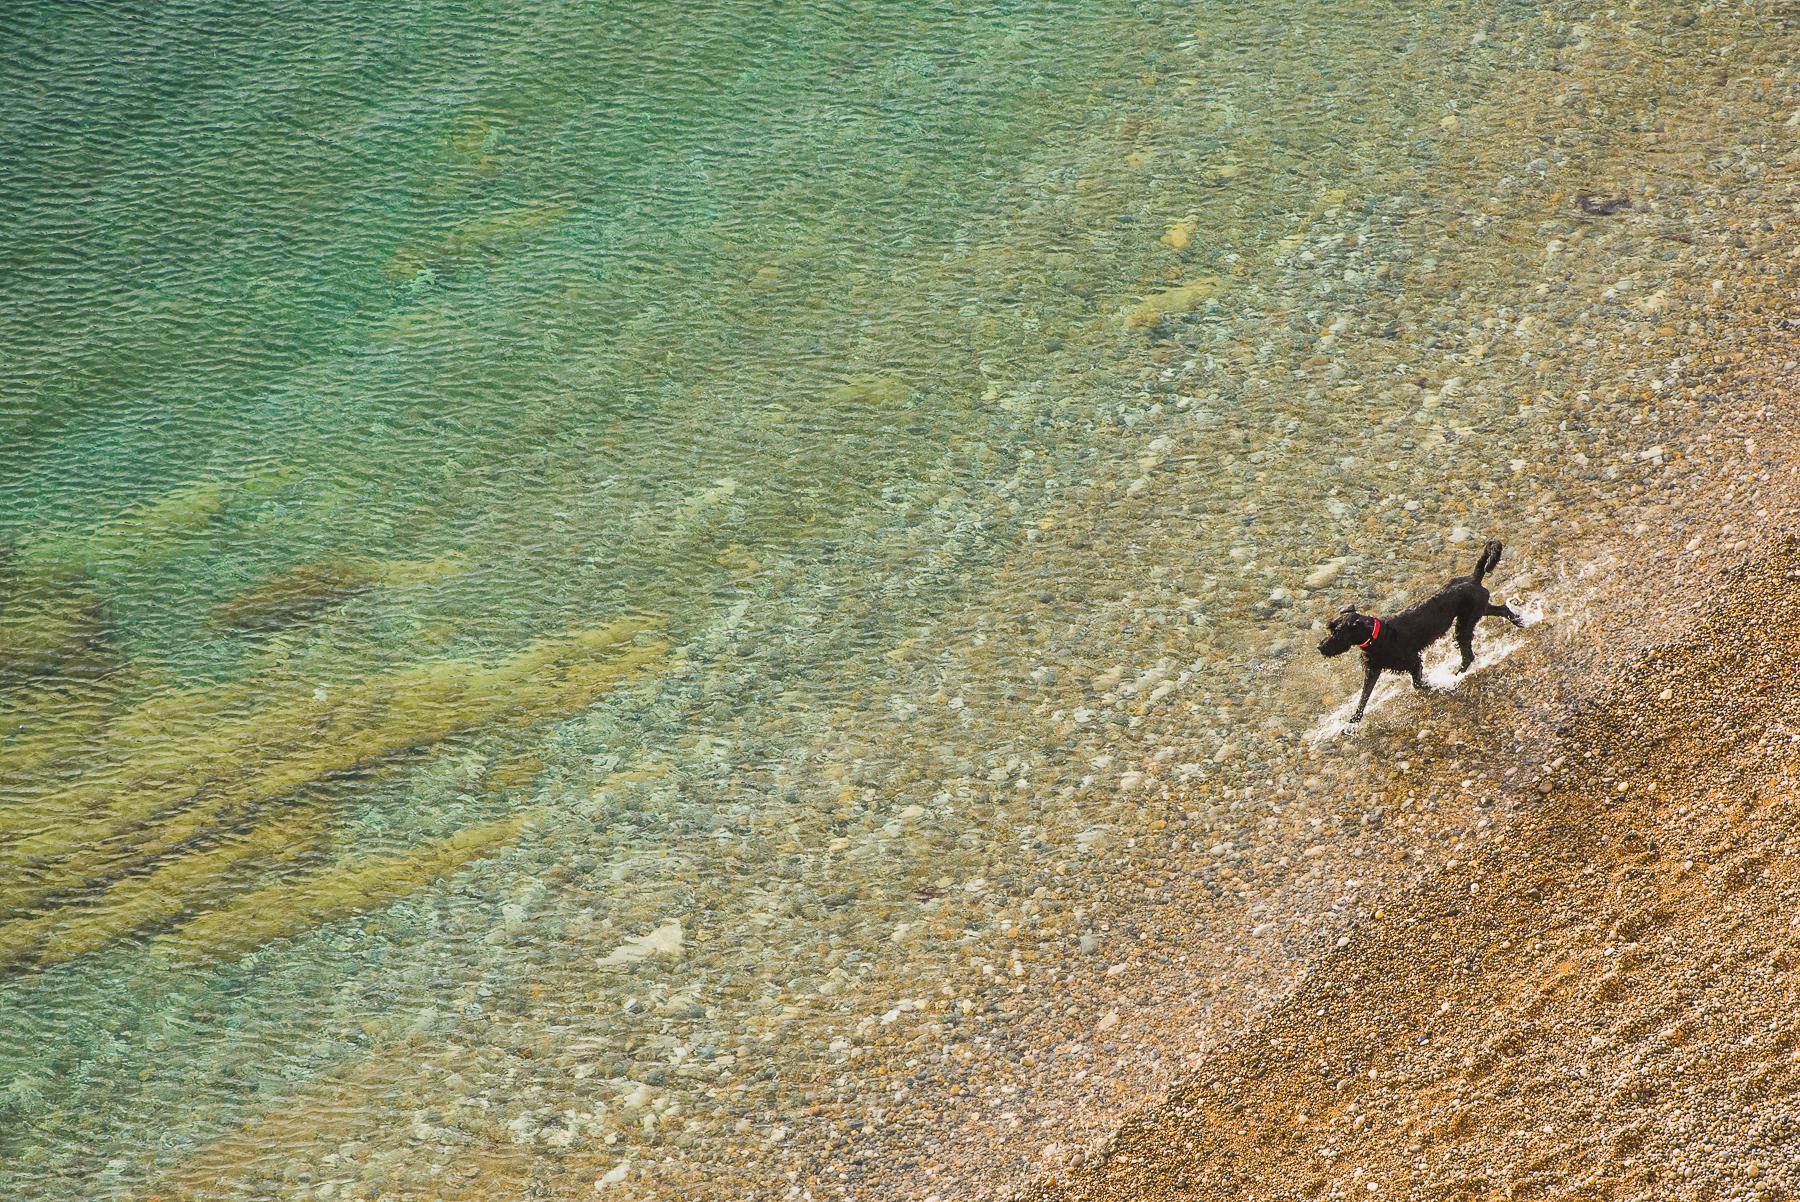 Dog Paddling in the sea in Dorset